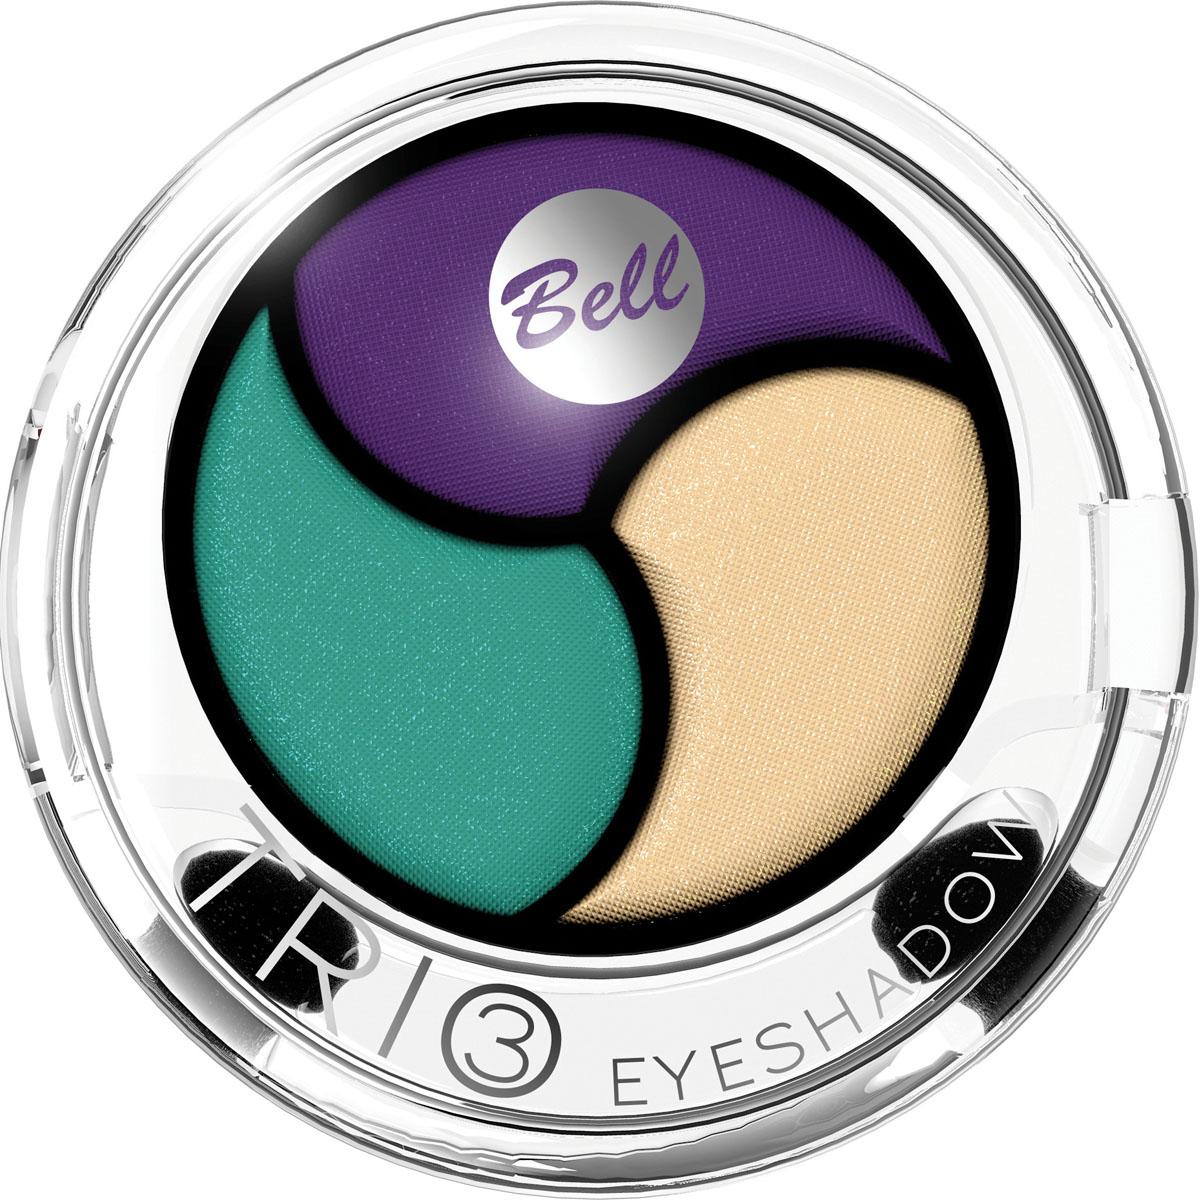 Bell Тени для век 3х Цветные Trio Eyeshadow 4 грBcT004Инновационная технология обеспечивает насыщенность цвета, удобство аппликации, а такженеобыкновенную стойкость. Тени содержат пигменты, которые находятся в капсулес маслом жожоба, обладающим увлажняющими свойствами, гарантируя кремовый эффект.Тени представлены в шести цветовых наборах, которые позволят создать идеальный макияж глаз.Тон 4